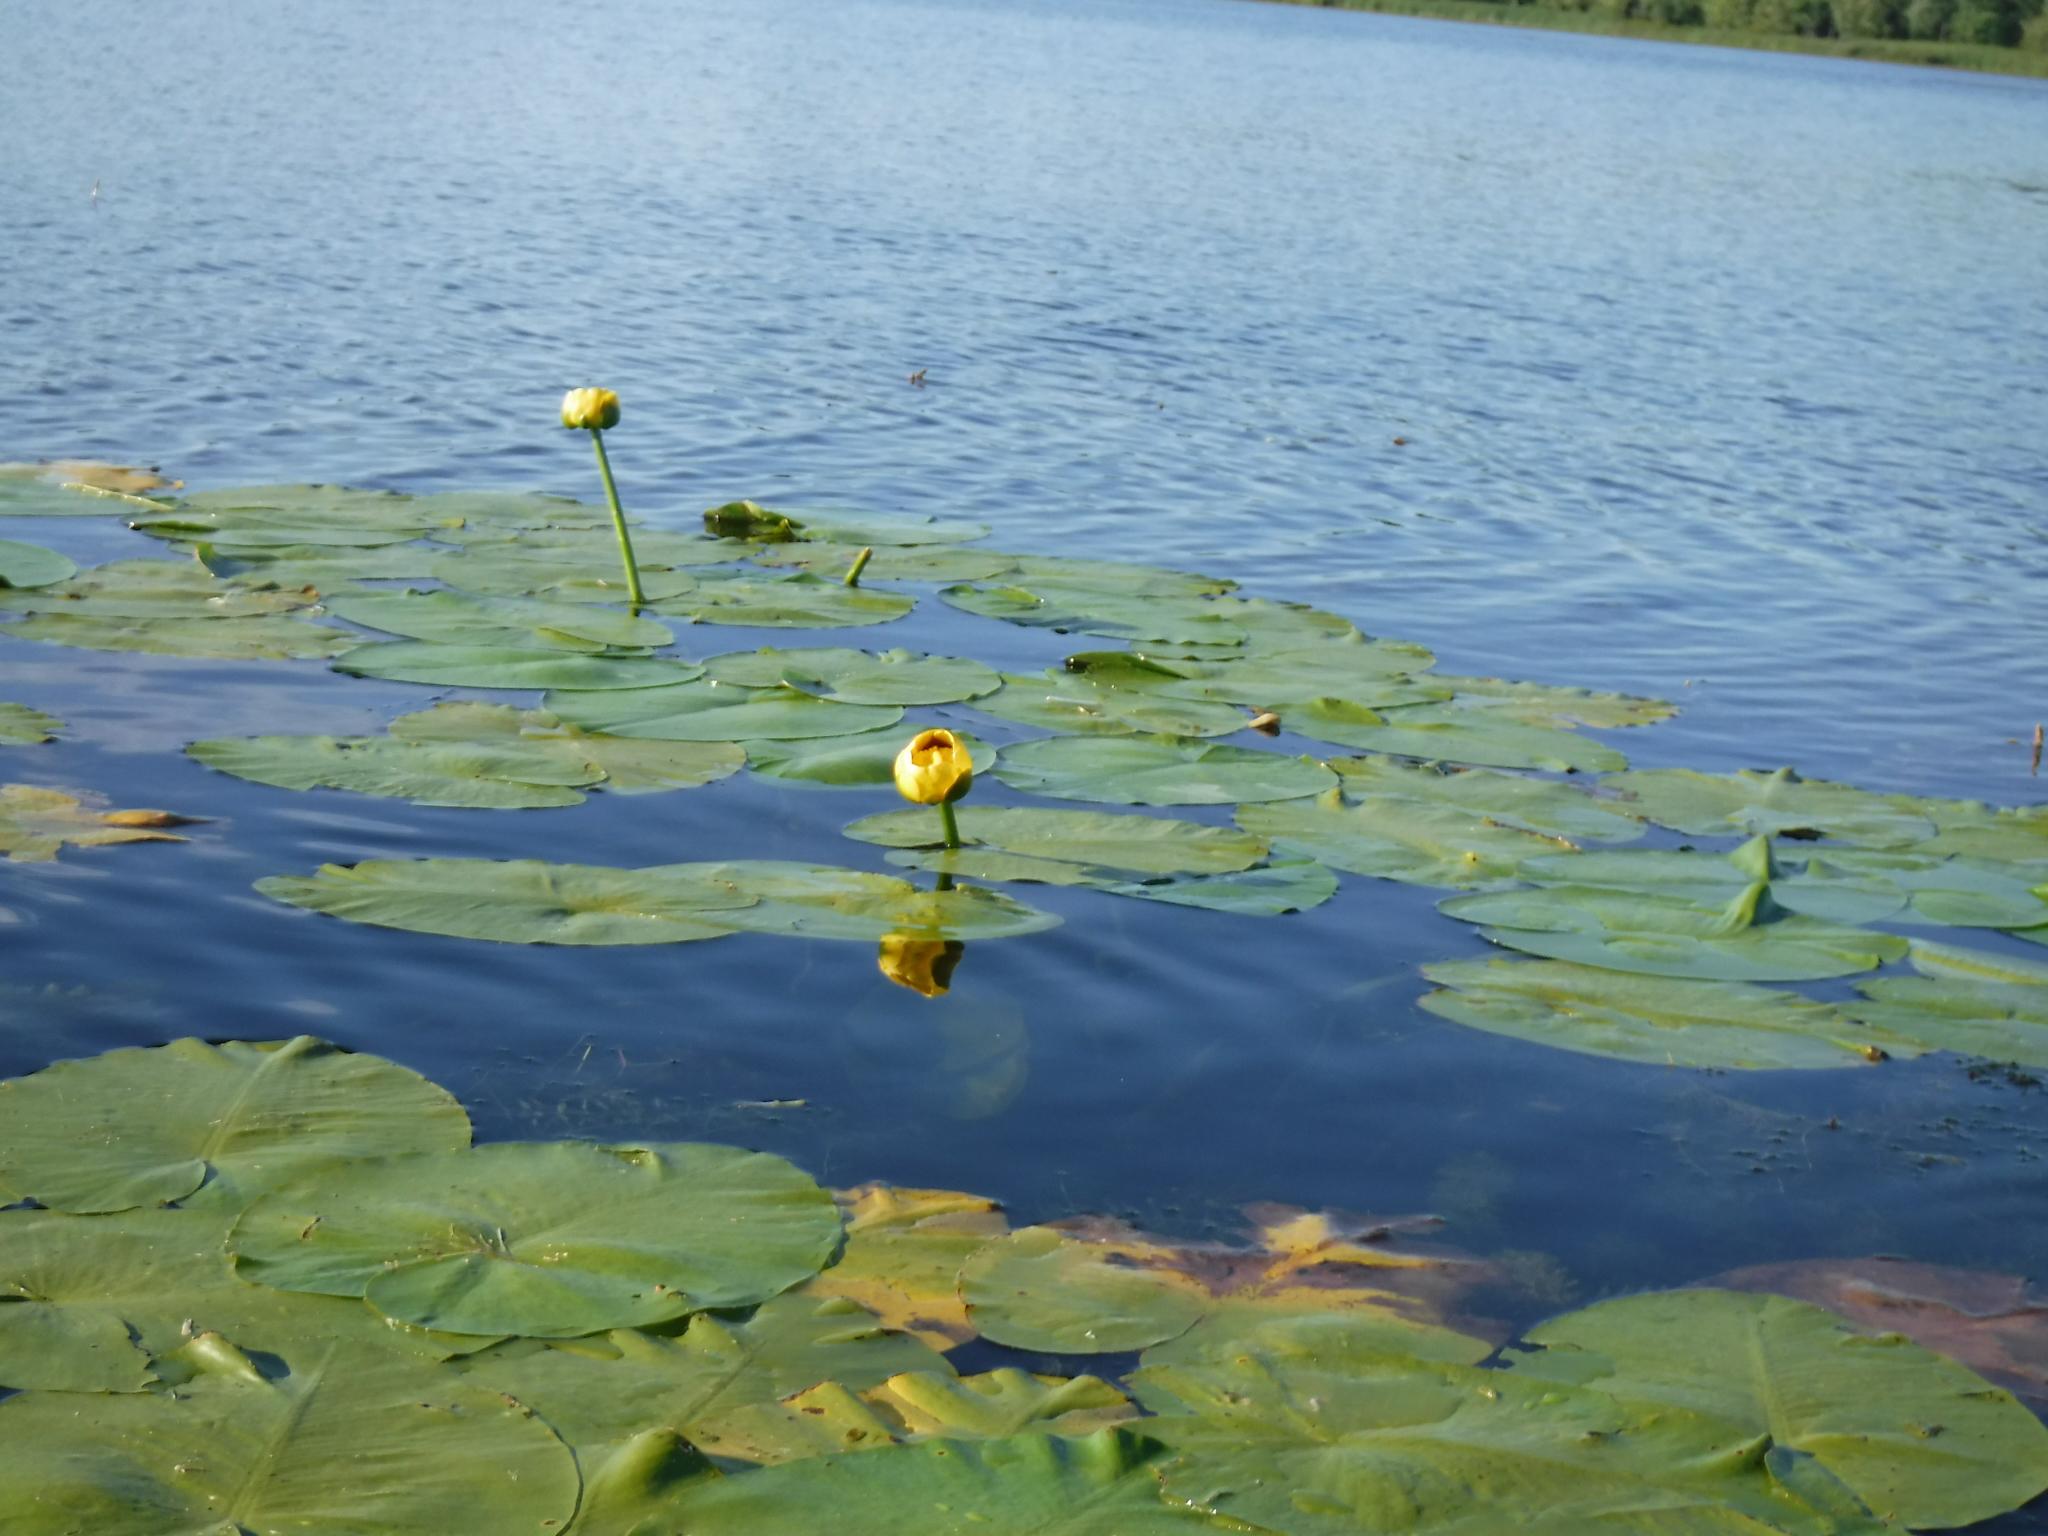 Lily pad at mendon ponds taken while kayaking from my sea eagle 330 kayak